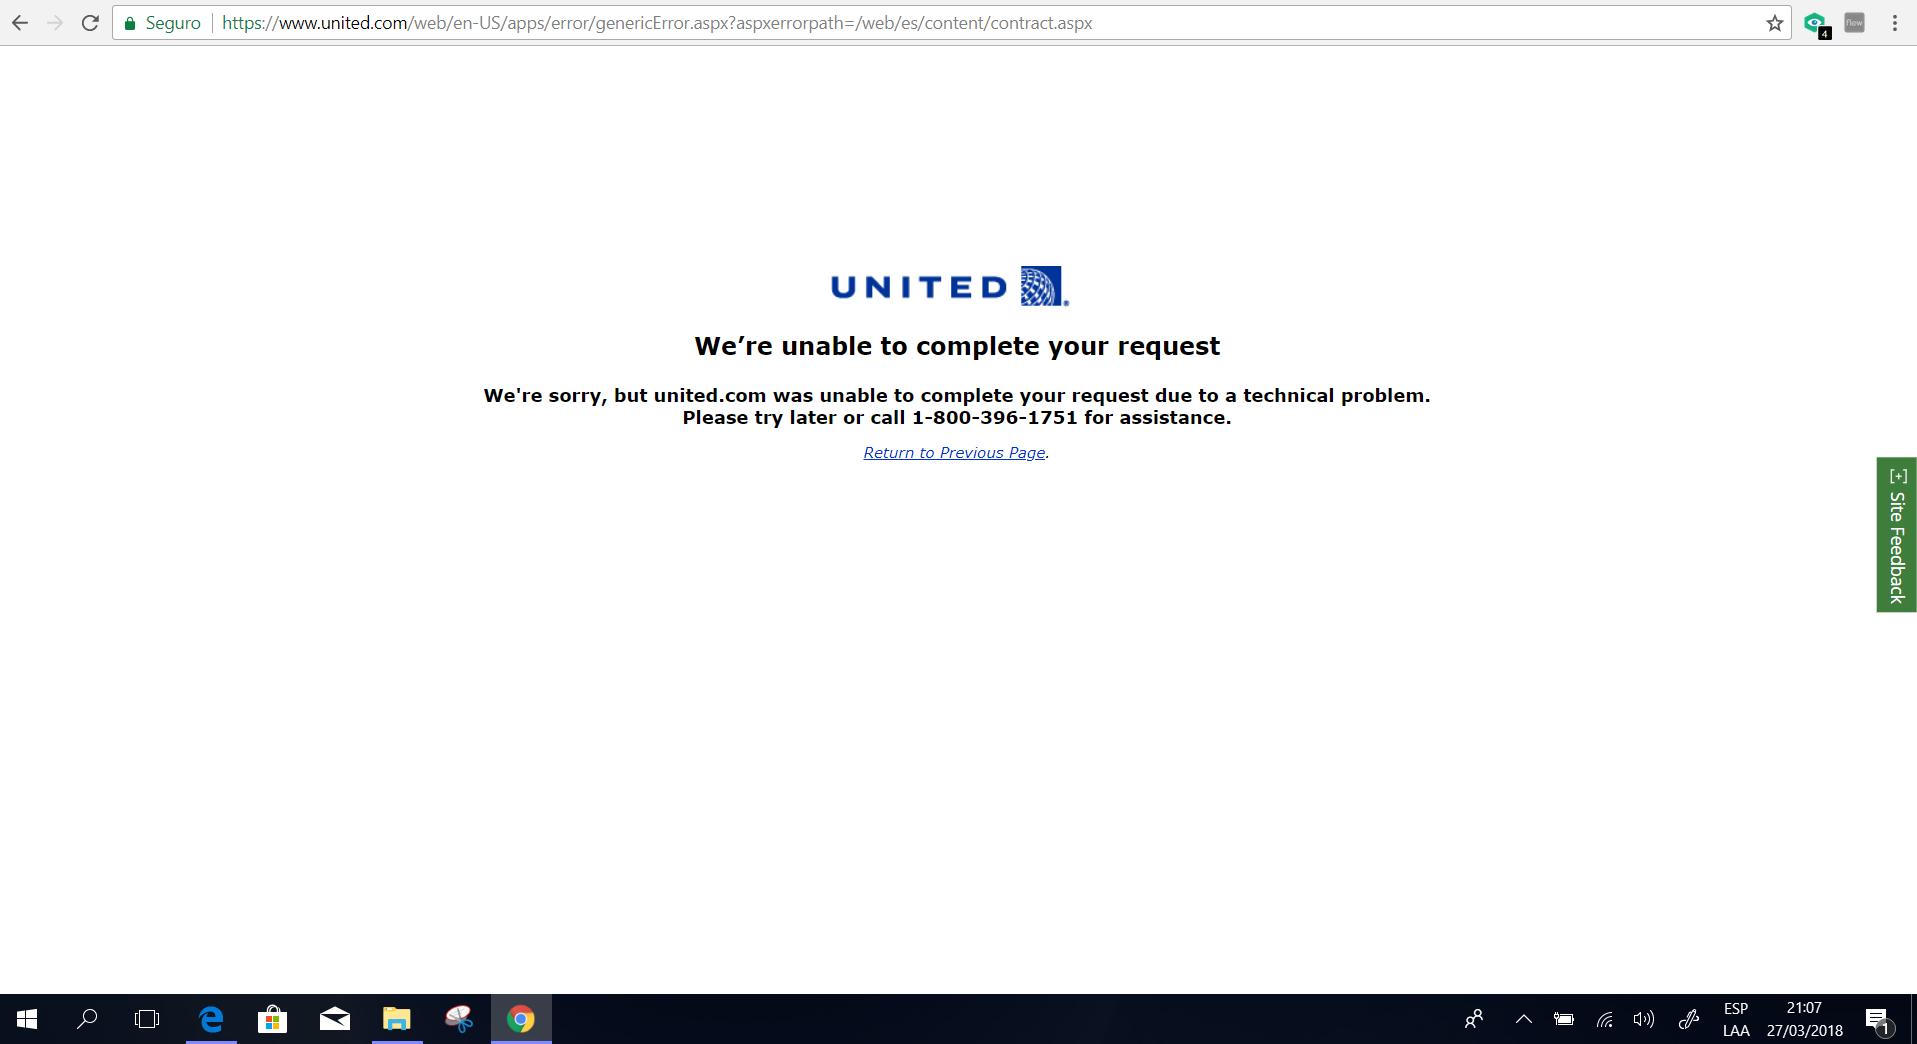 contrato de transporte united - Se armó el re-VUELO con United y su metida de pata con los precios locos